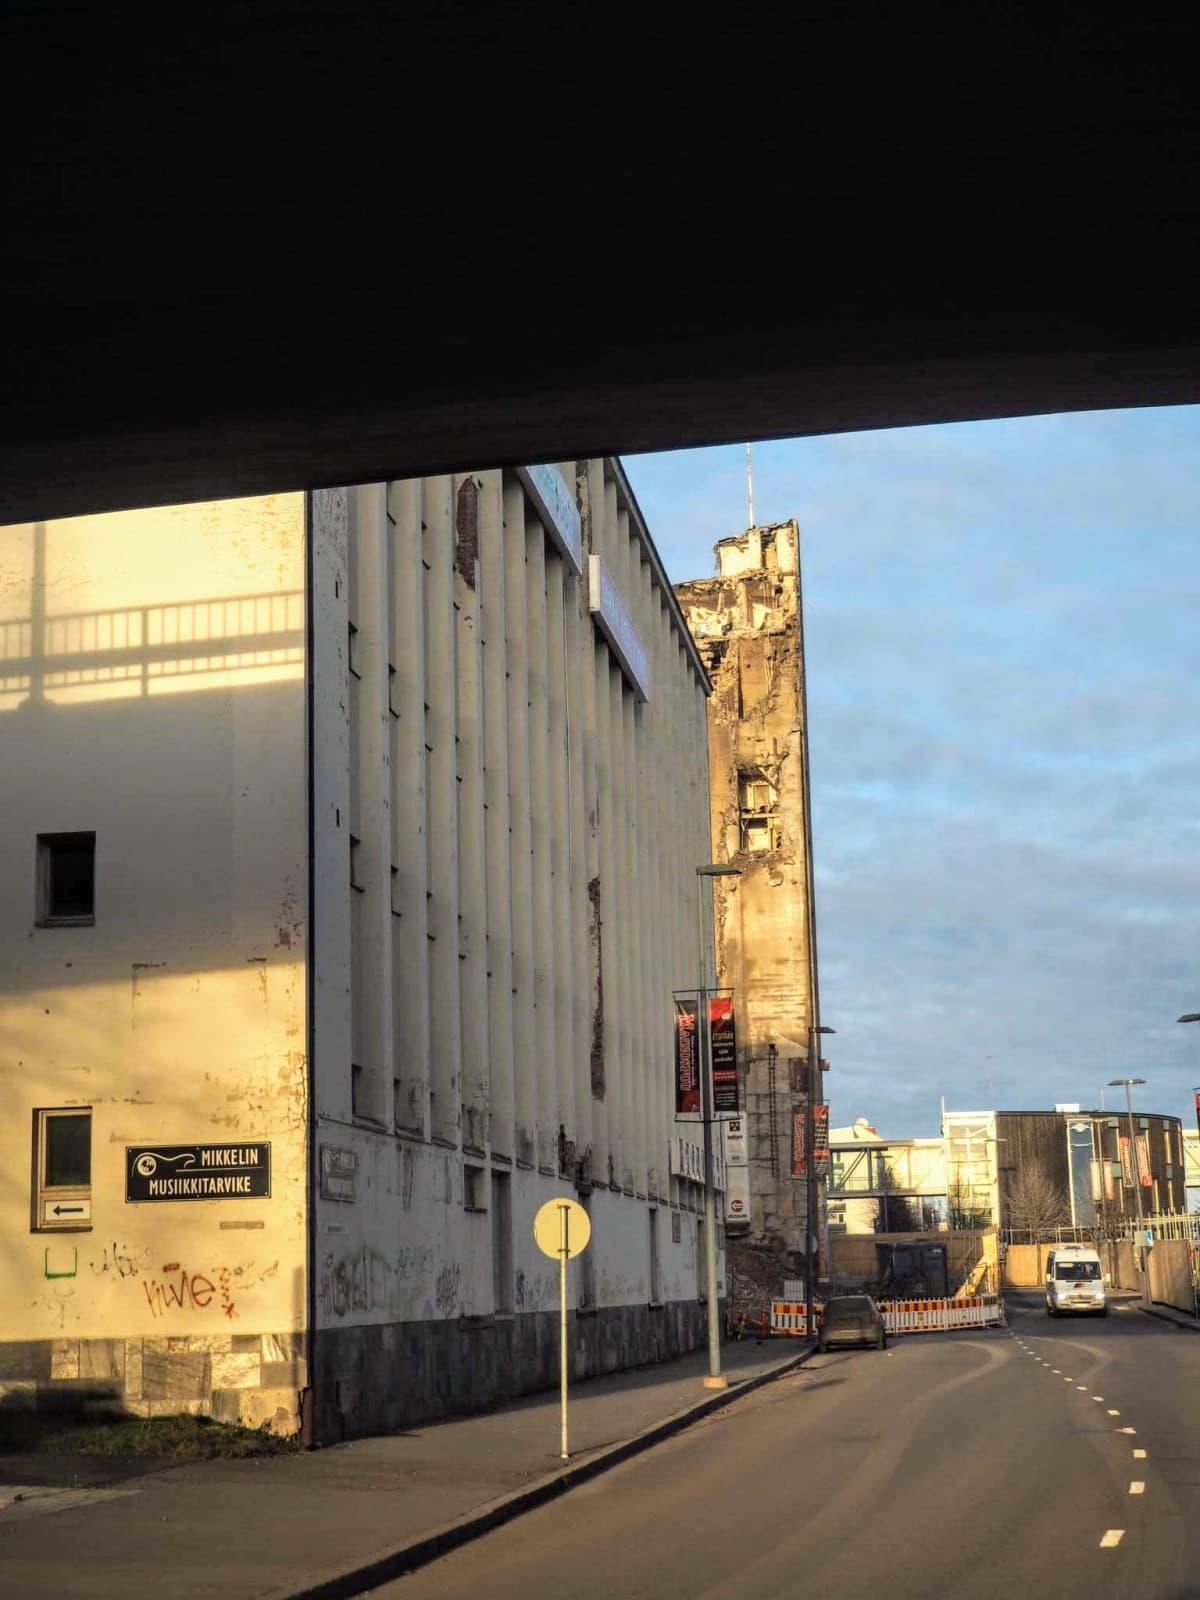 Kuva hieman ränsistyneestä Suomen Osuuskauppojen entisestä virastotalosta. Taustalla pilkistävät osittain puretut viljasiilot.